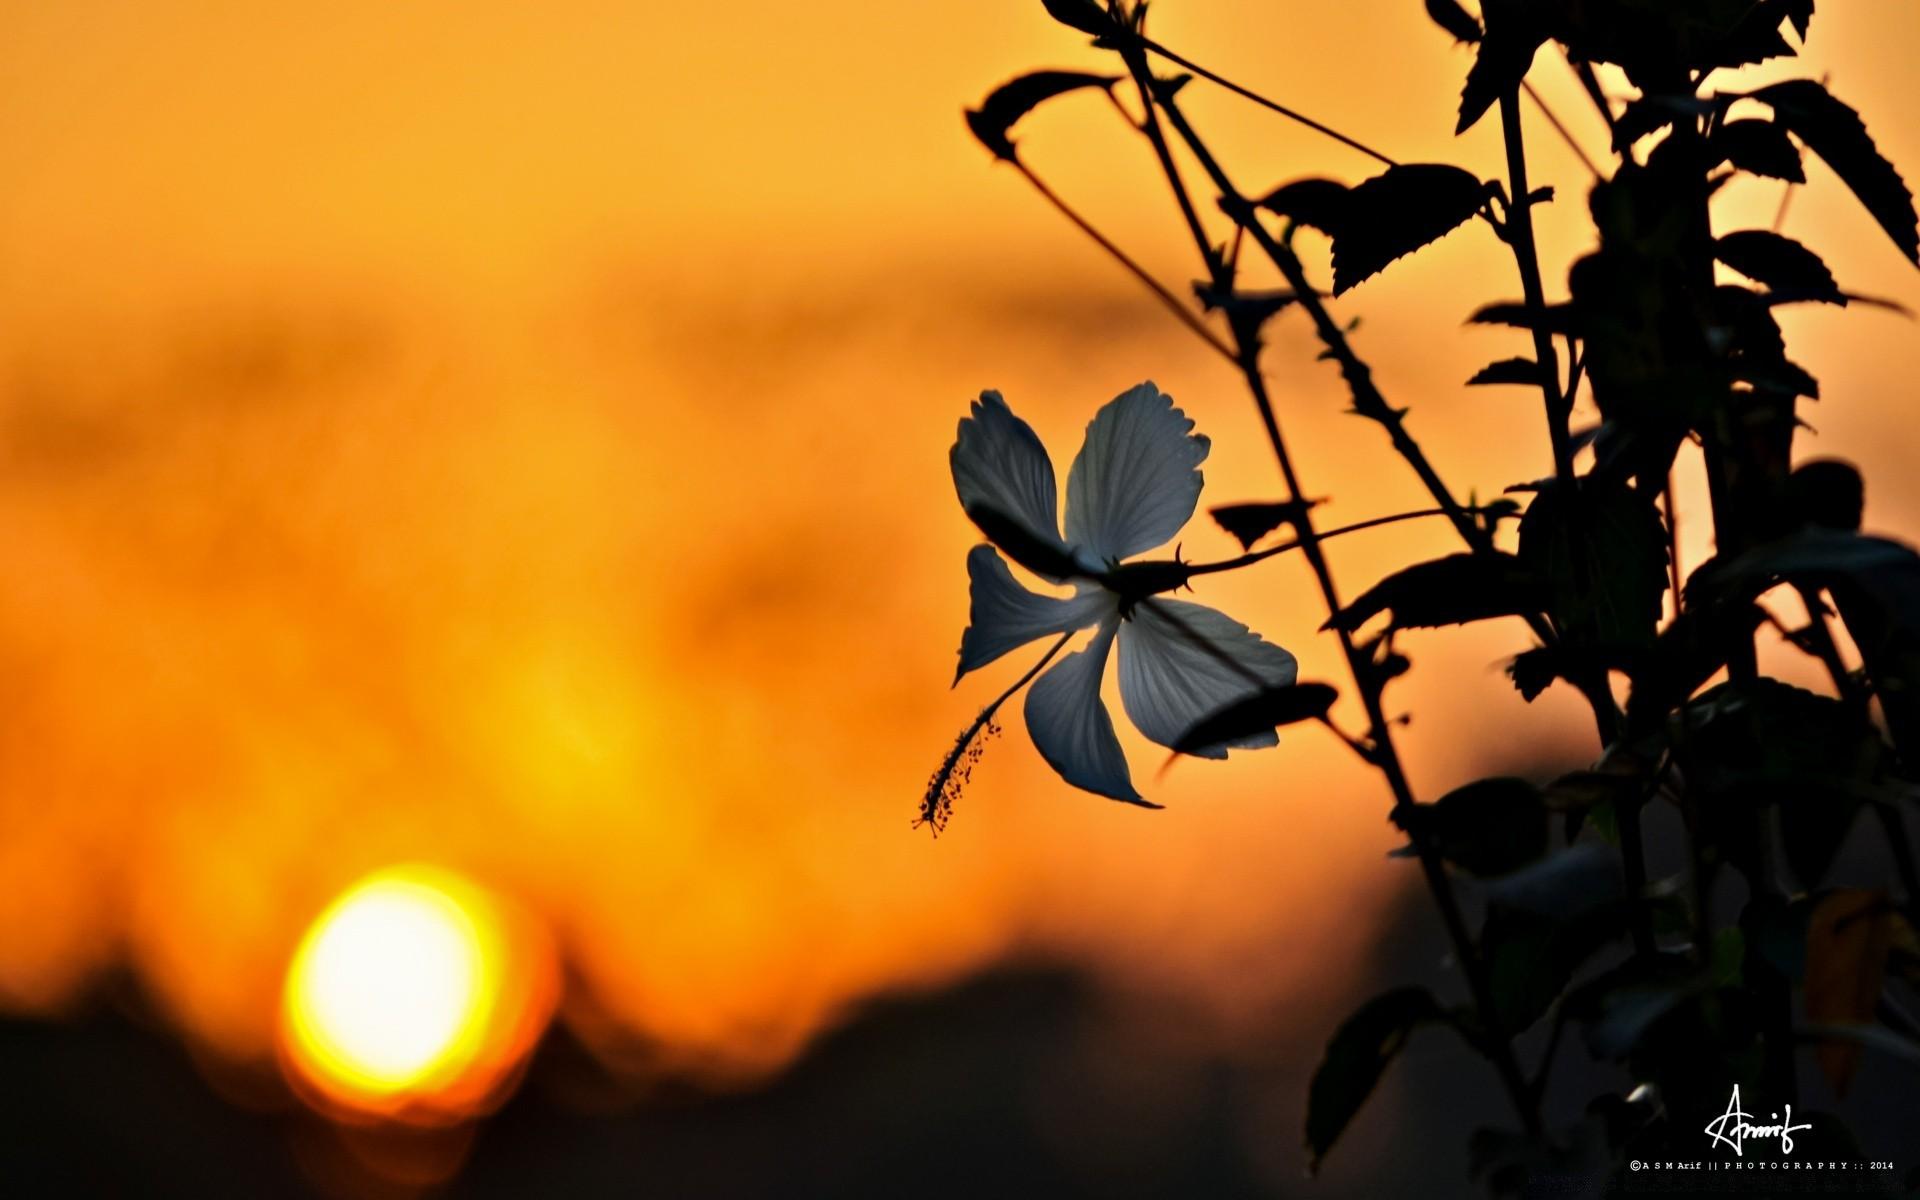 одинокий цветочек на закате без смс